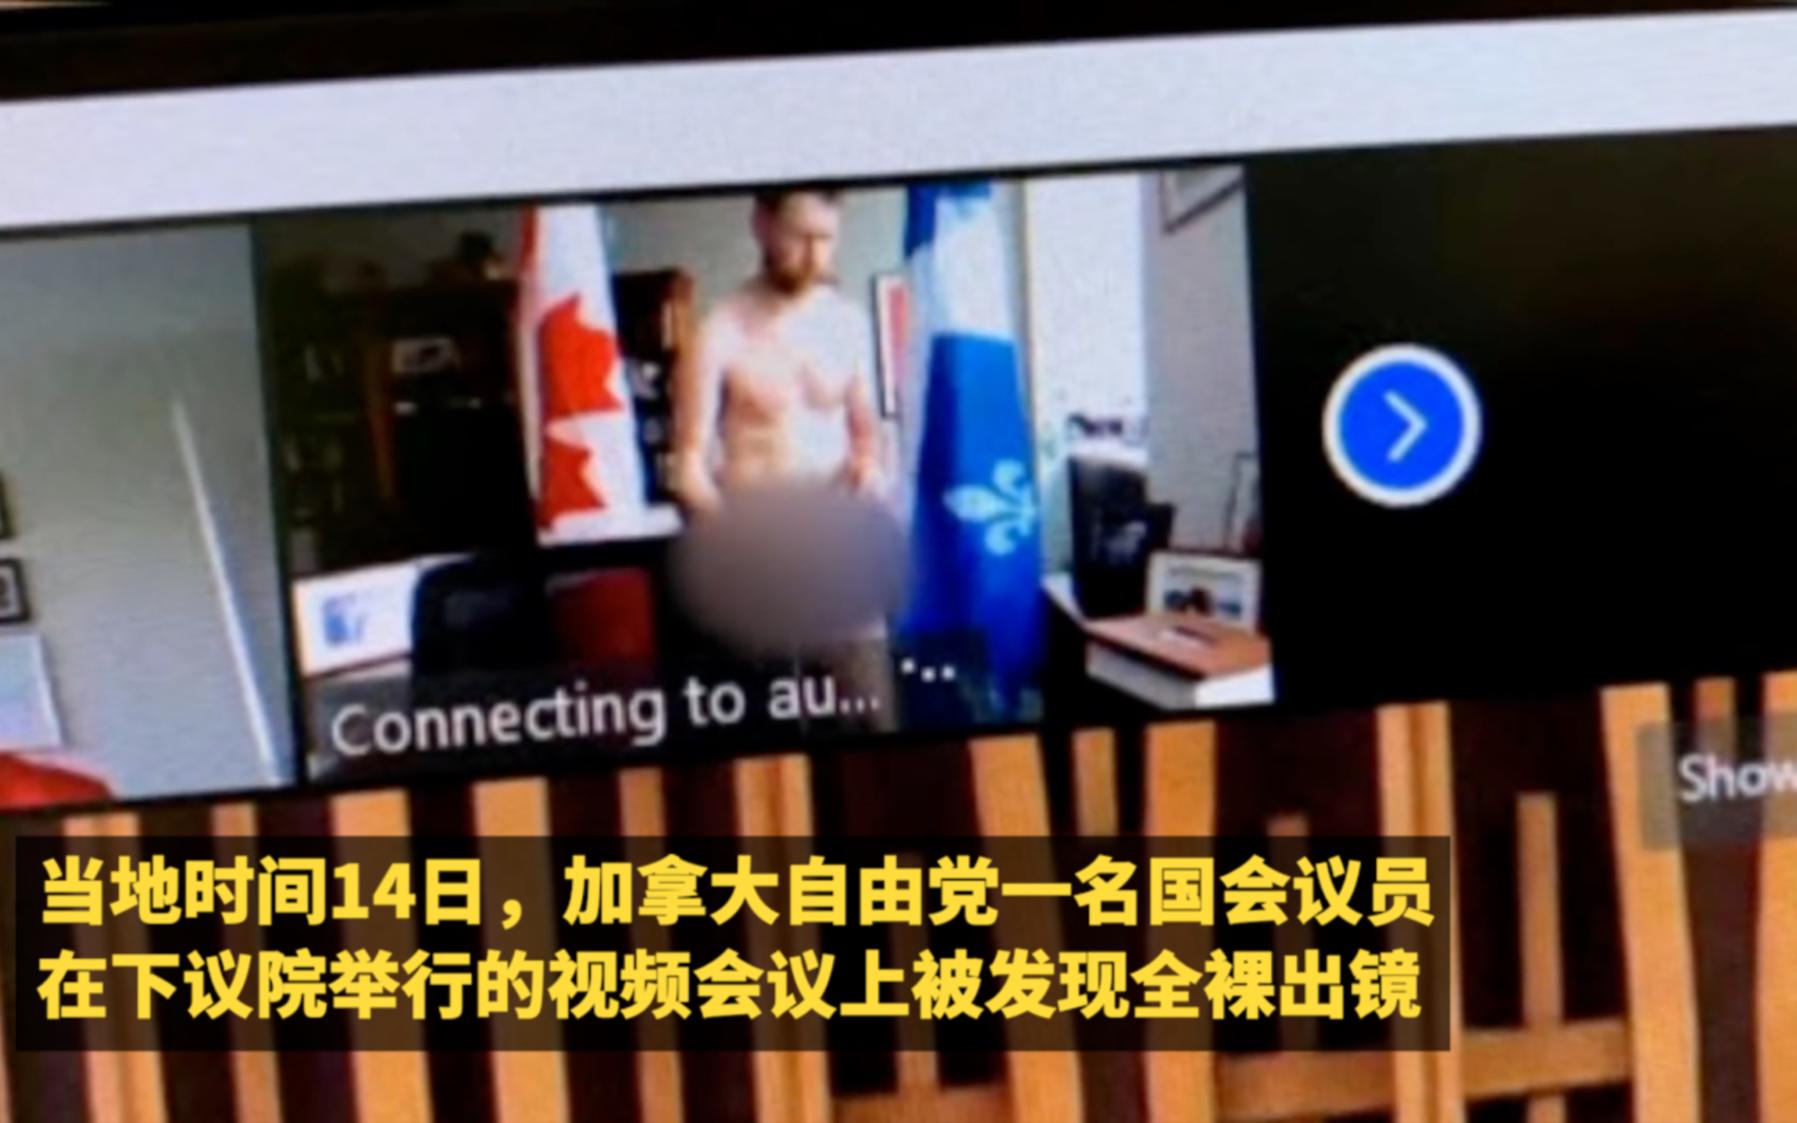 加拿大议员视频会议时不慎全裸出镜,同事调侃:他身材很好